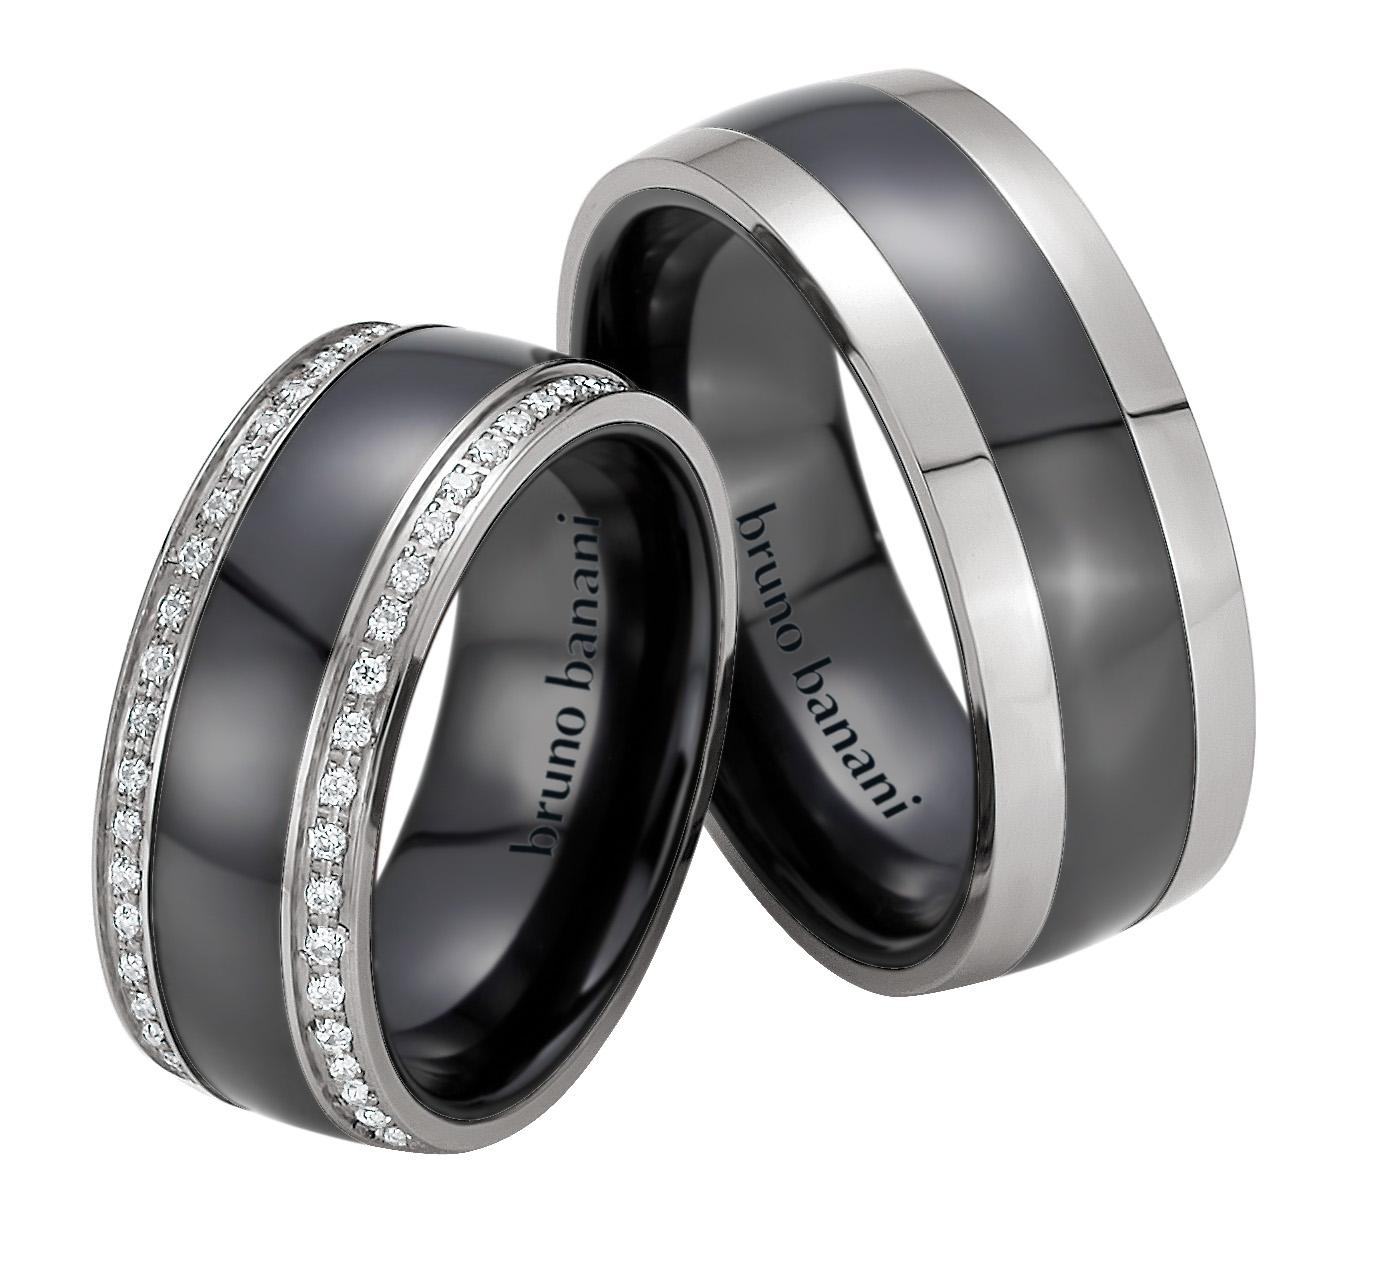 Bruno Banani Ceramic Ringe 44.84176 42.84176